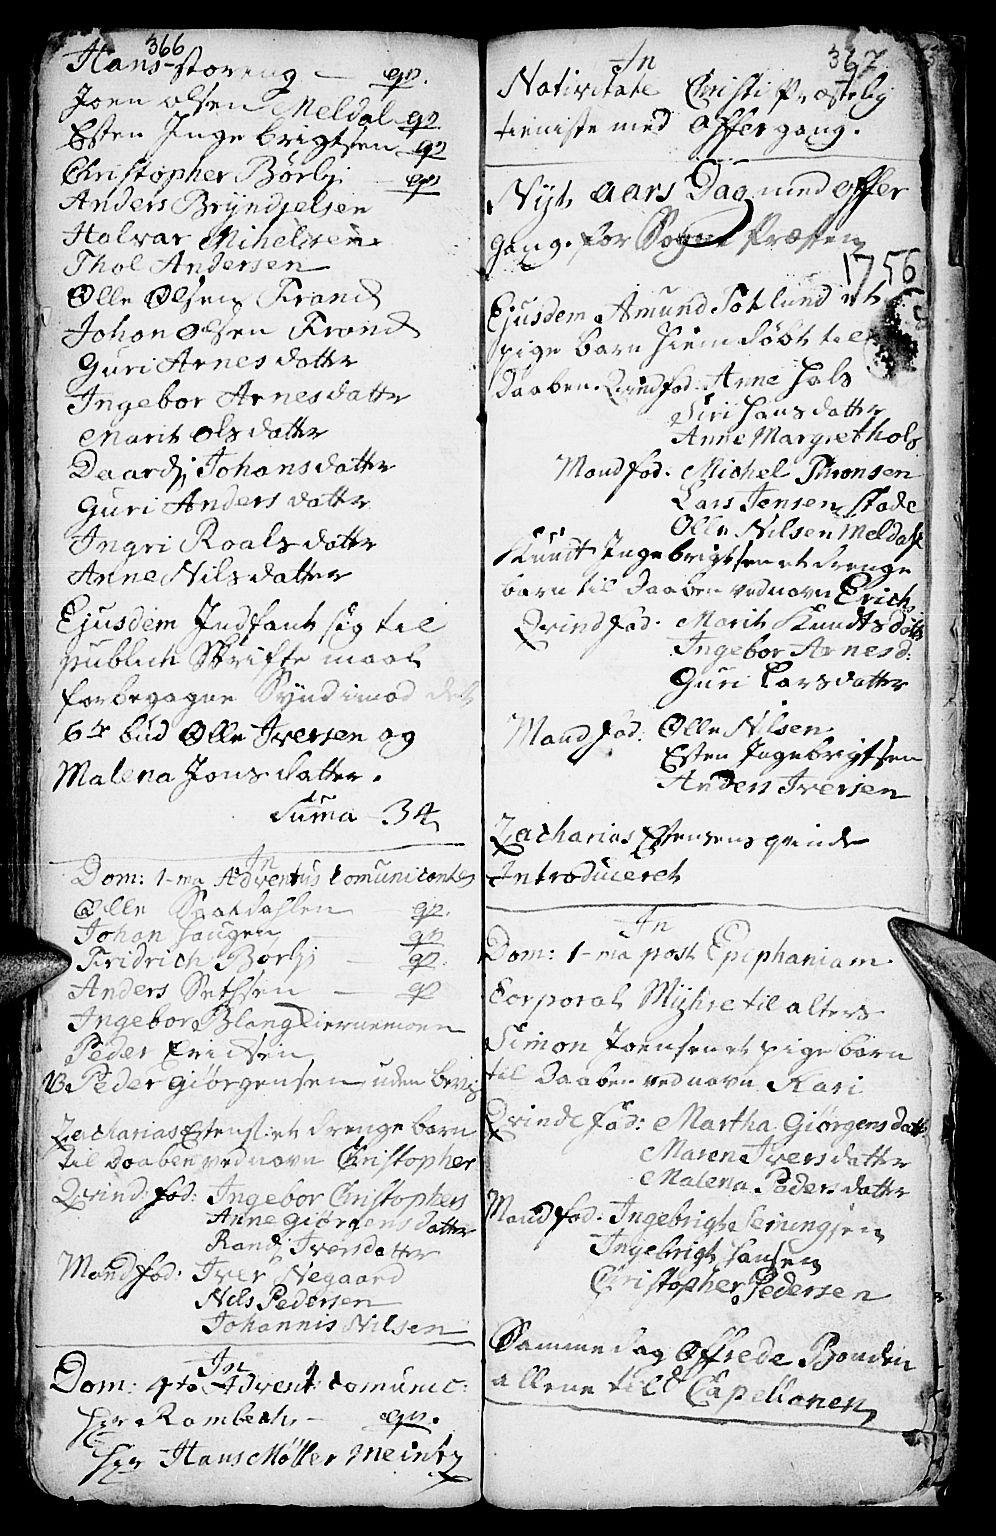 SAH, Kvikne prestekontor, Parish register (official) no. 1, 1740-1756, p. 366-367